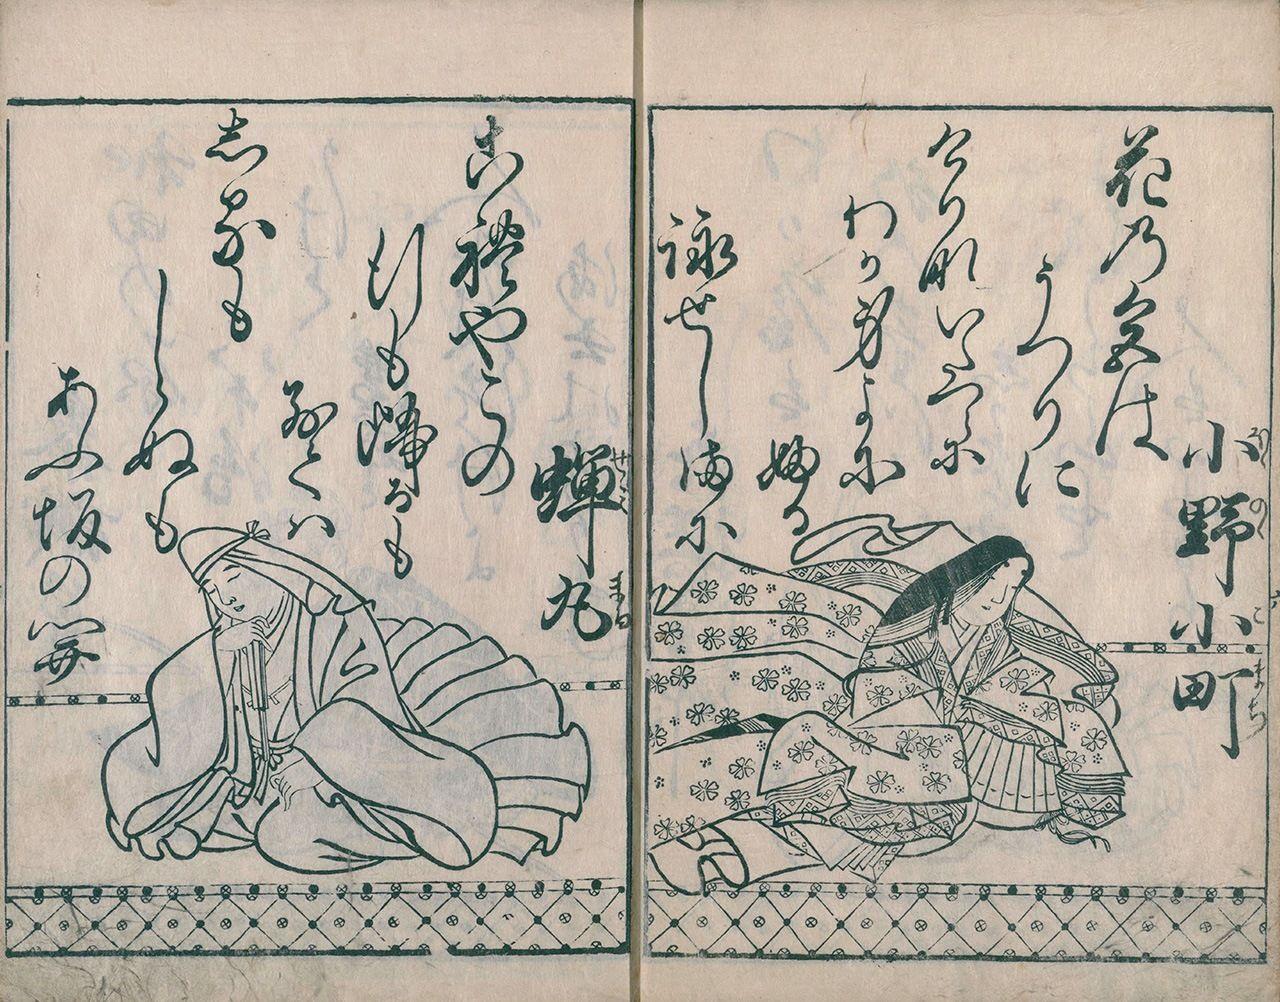 Оно-но Комати (справа) в «Ста стихах ста поэтов» (Хякунин иссю) издания 1680 года (предоставлено Национальной парламентской библиотекой)